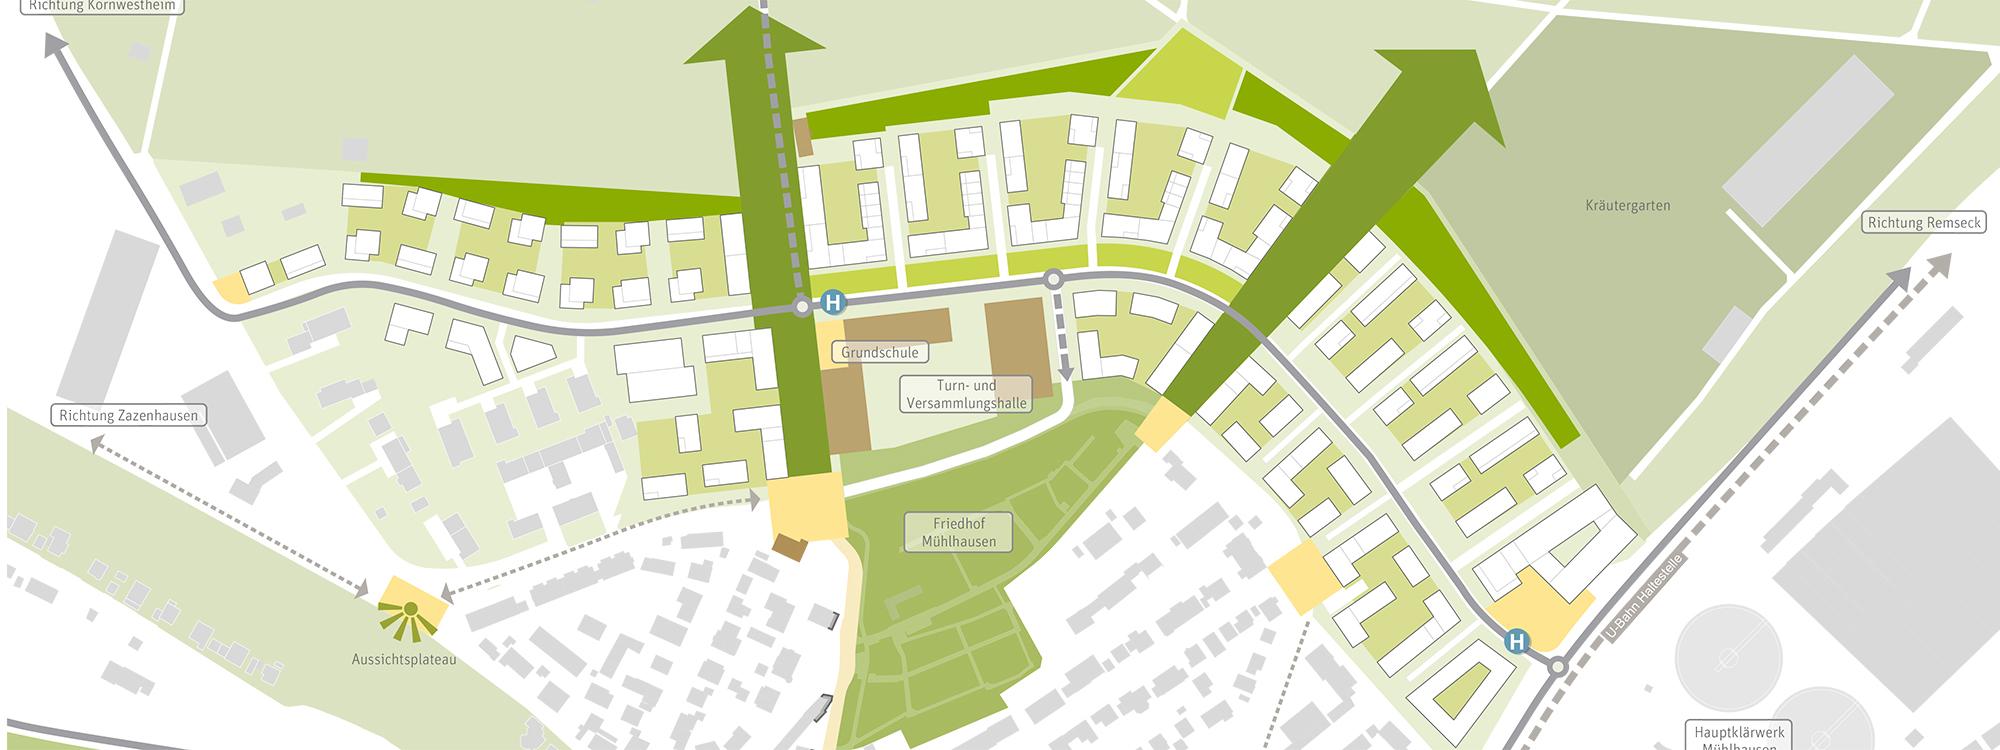 Wettbewerb_Stuttgart_Mühlhausen_Siedlungserweiterung_Außenbereichsfläche_Stadtquartier_Gartenstadt_Freiraumnetz_Öffentliche Freiräume